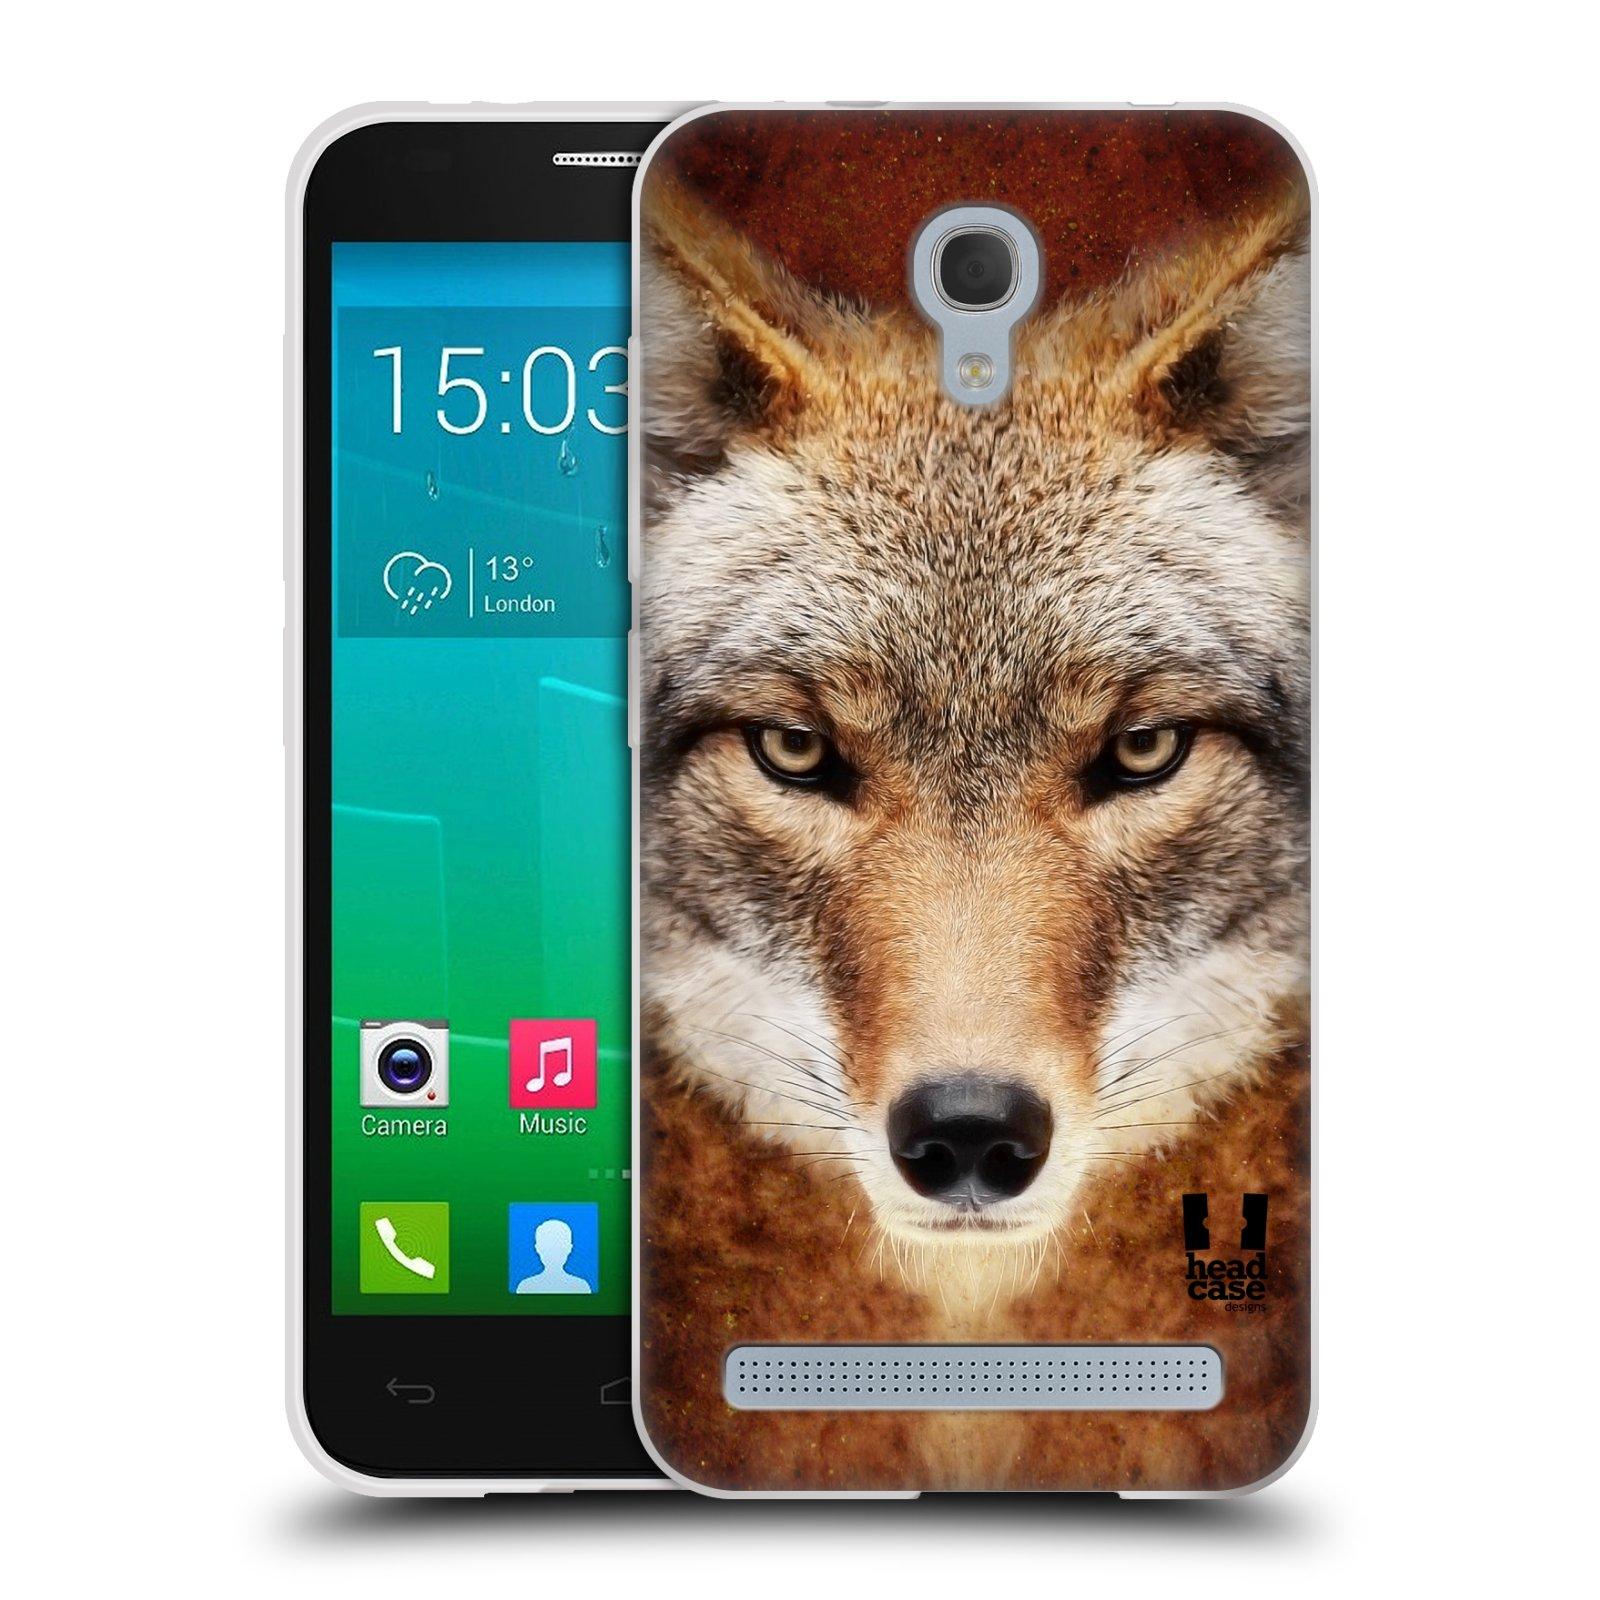 HEAD CASE silikonový obal na mobil Alcatel Idol 2 MINI S 6036Y vzor Zvířecí tváře kojot